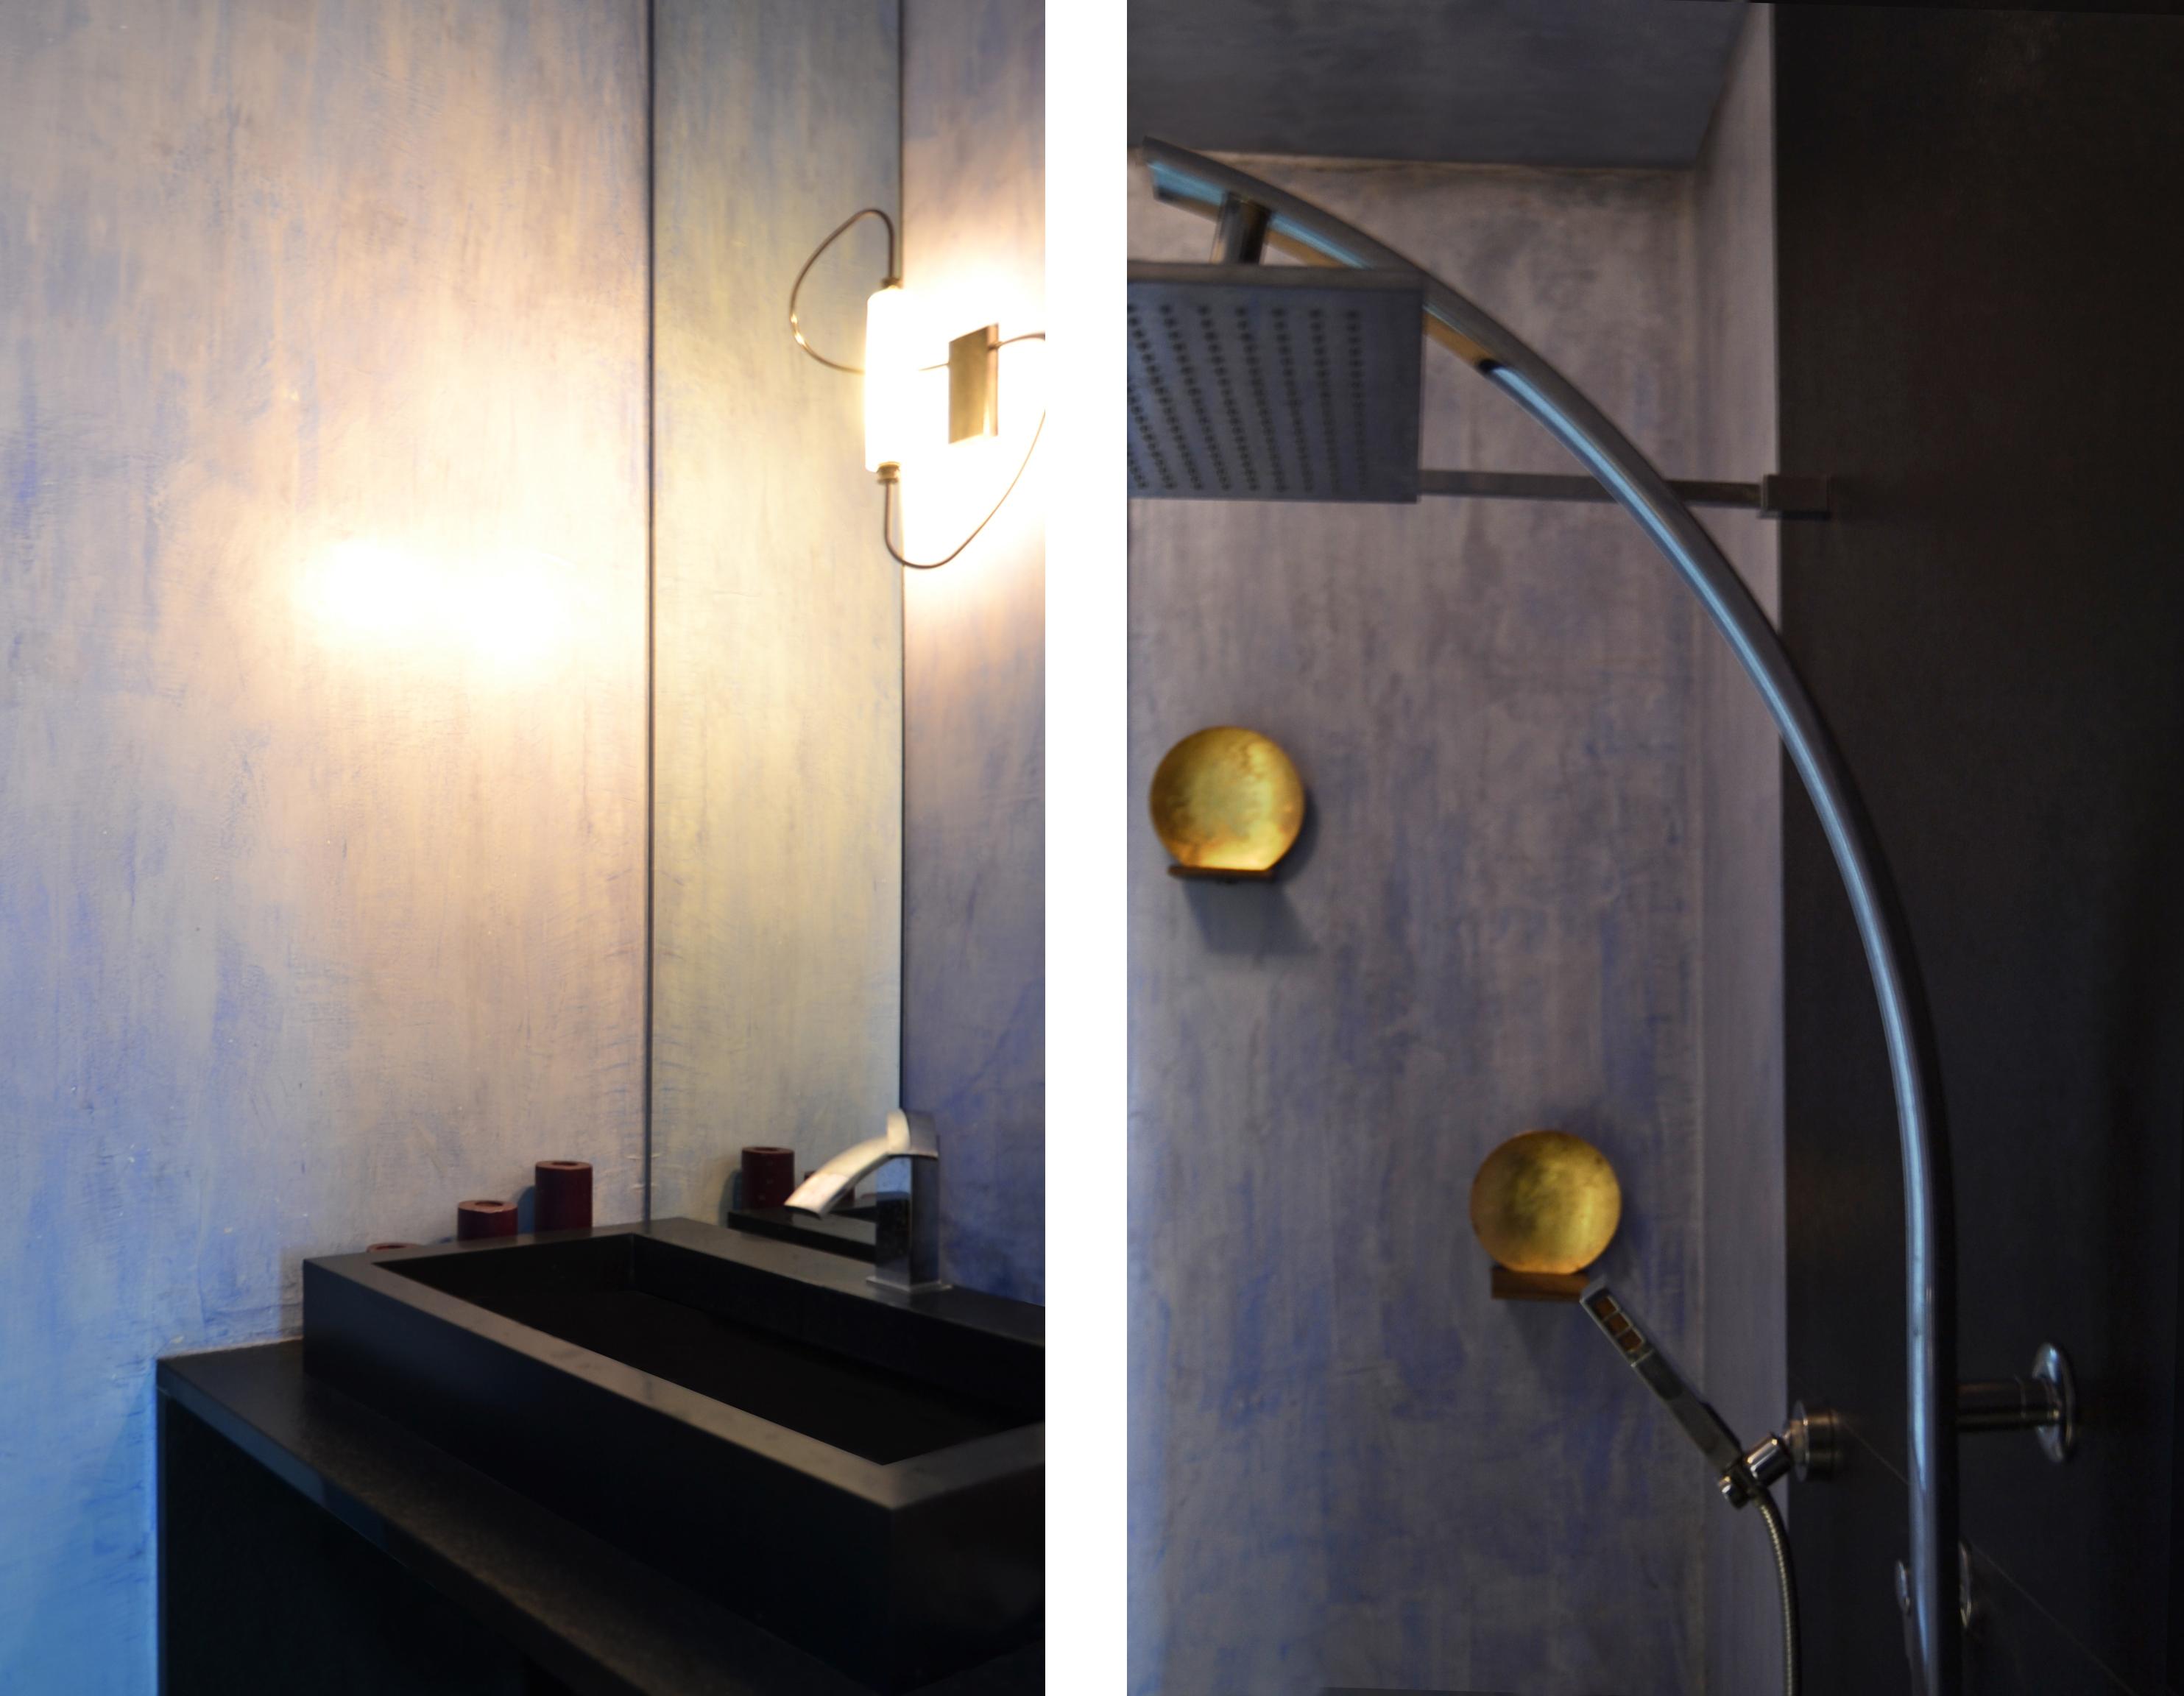 Marble vanity sink - Black Marble Shower - Catellani lights